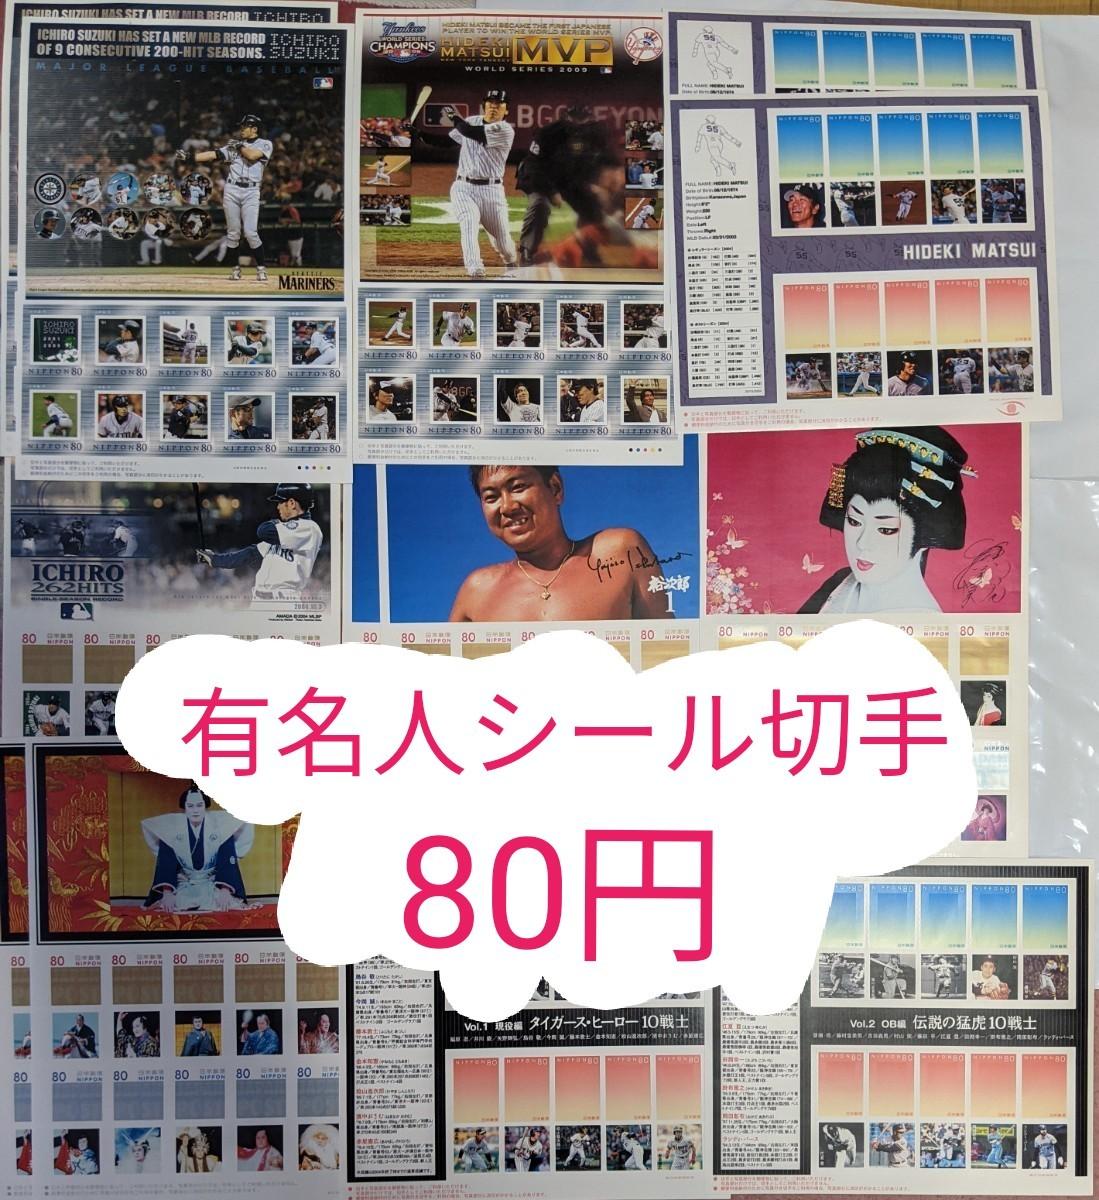 未使用 切手  額面10400円分 記念切手 80円切手 シート シール切手 シール 有名人 芸能人 スポーツ選手 野球